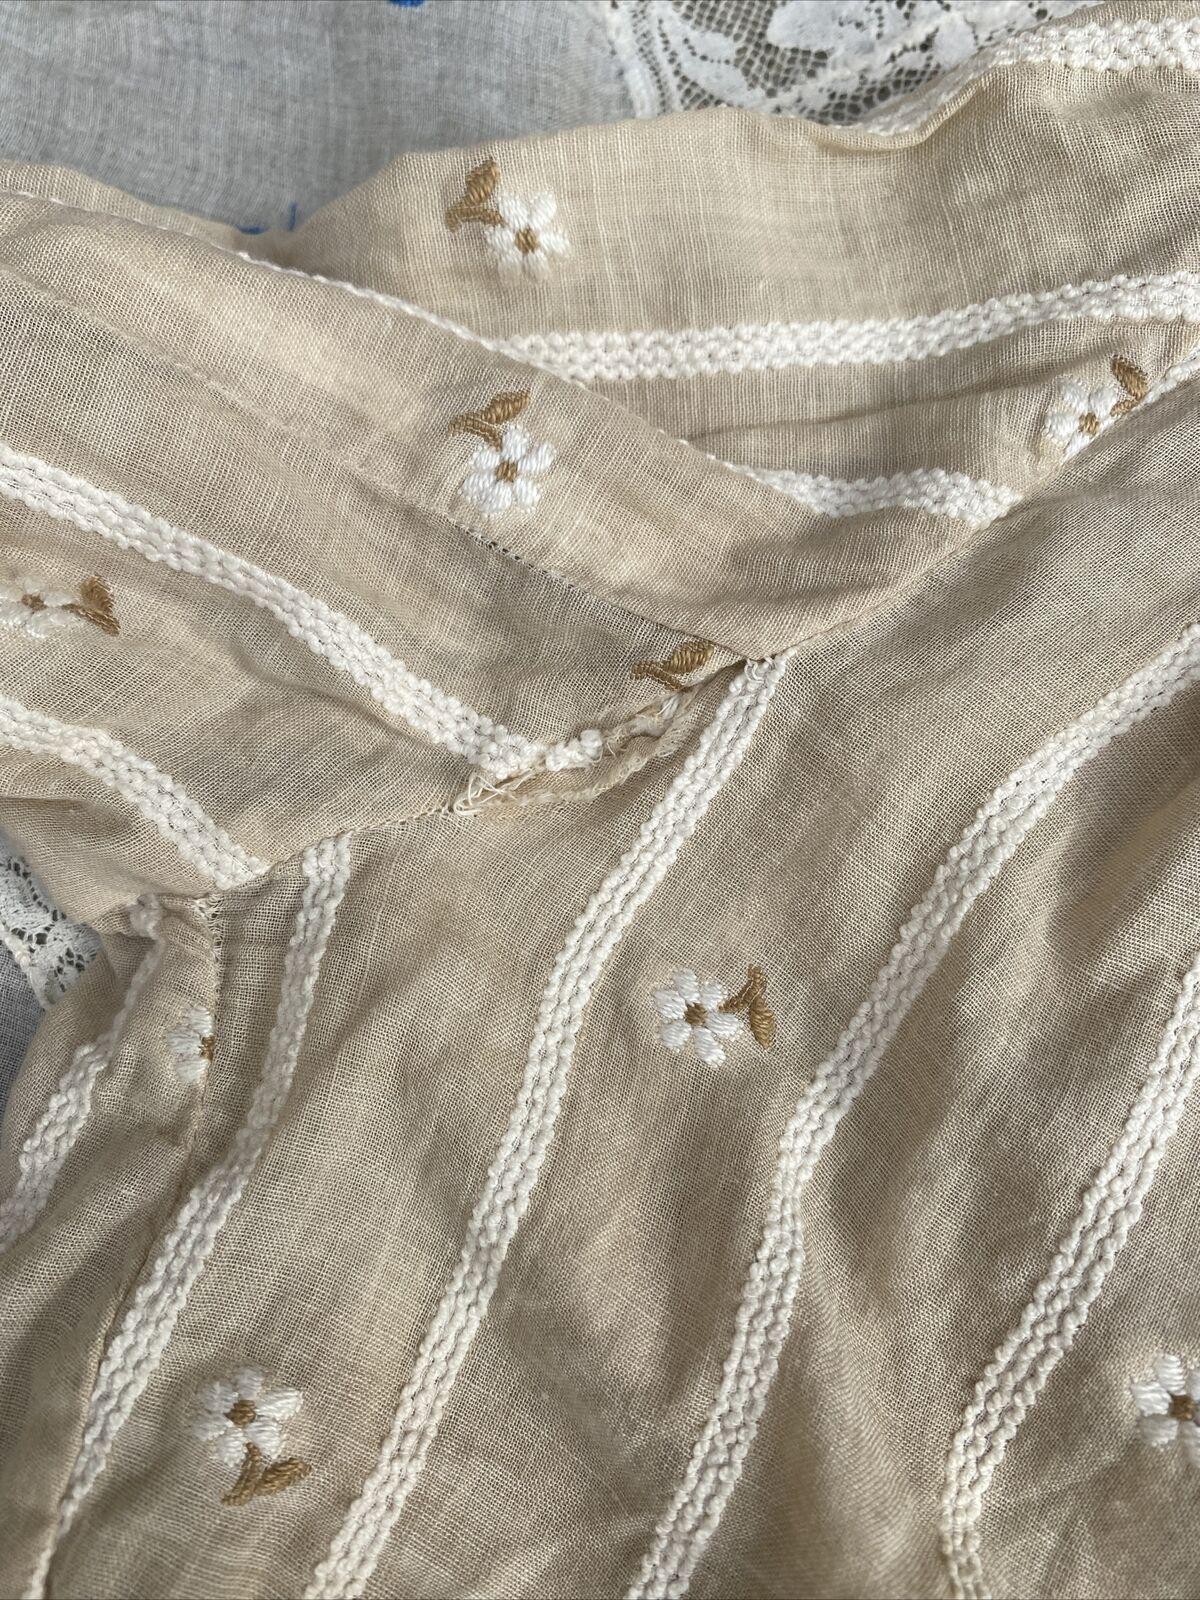 Antique Edwardian Ecru Cotton Blouse Top Embroide… - image 12